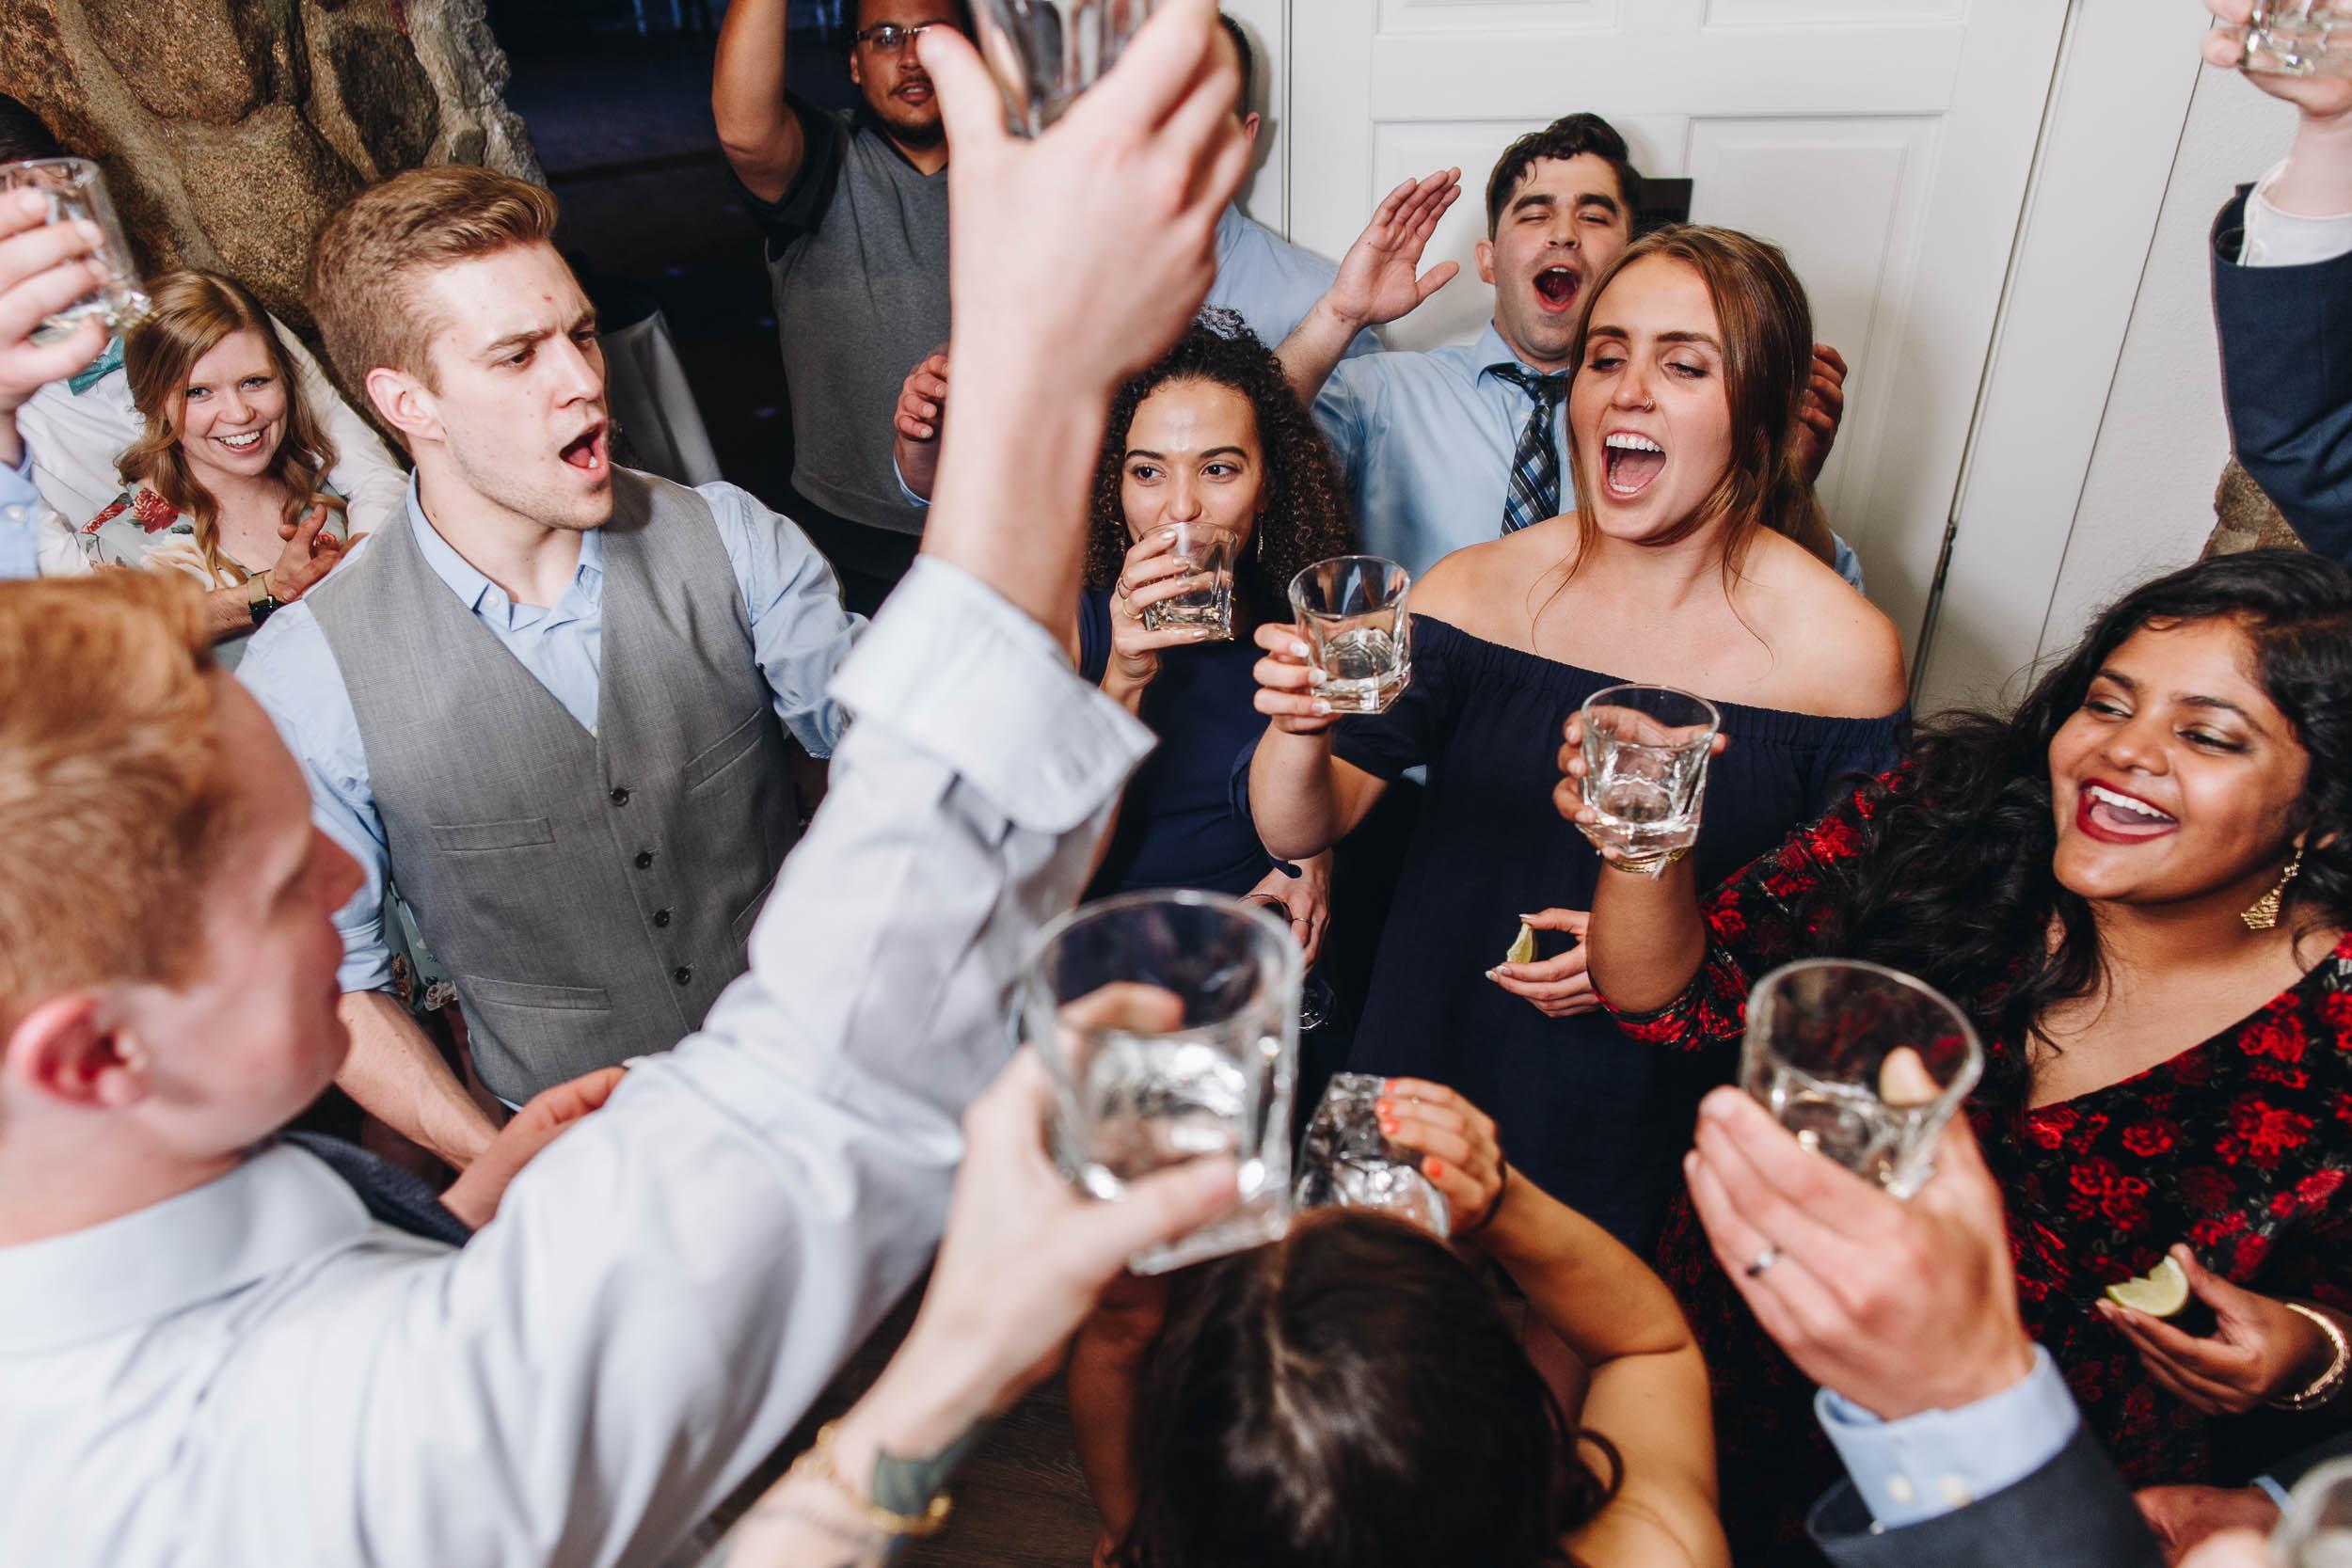 Kate and Kyle get married in Boulder Colorado on March 31 2018 at Wedgewood Weddings Boulder Creek-62.jpg